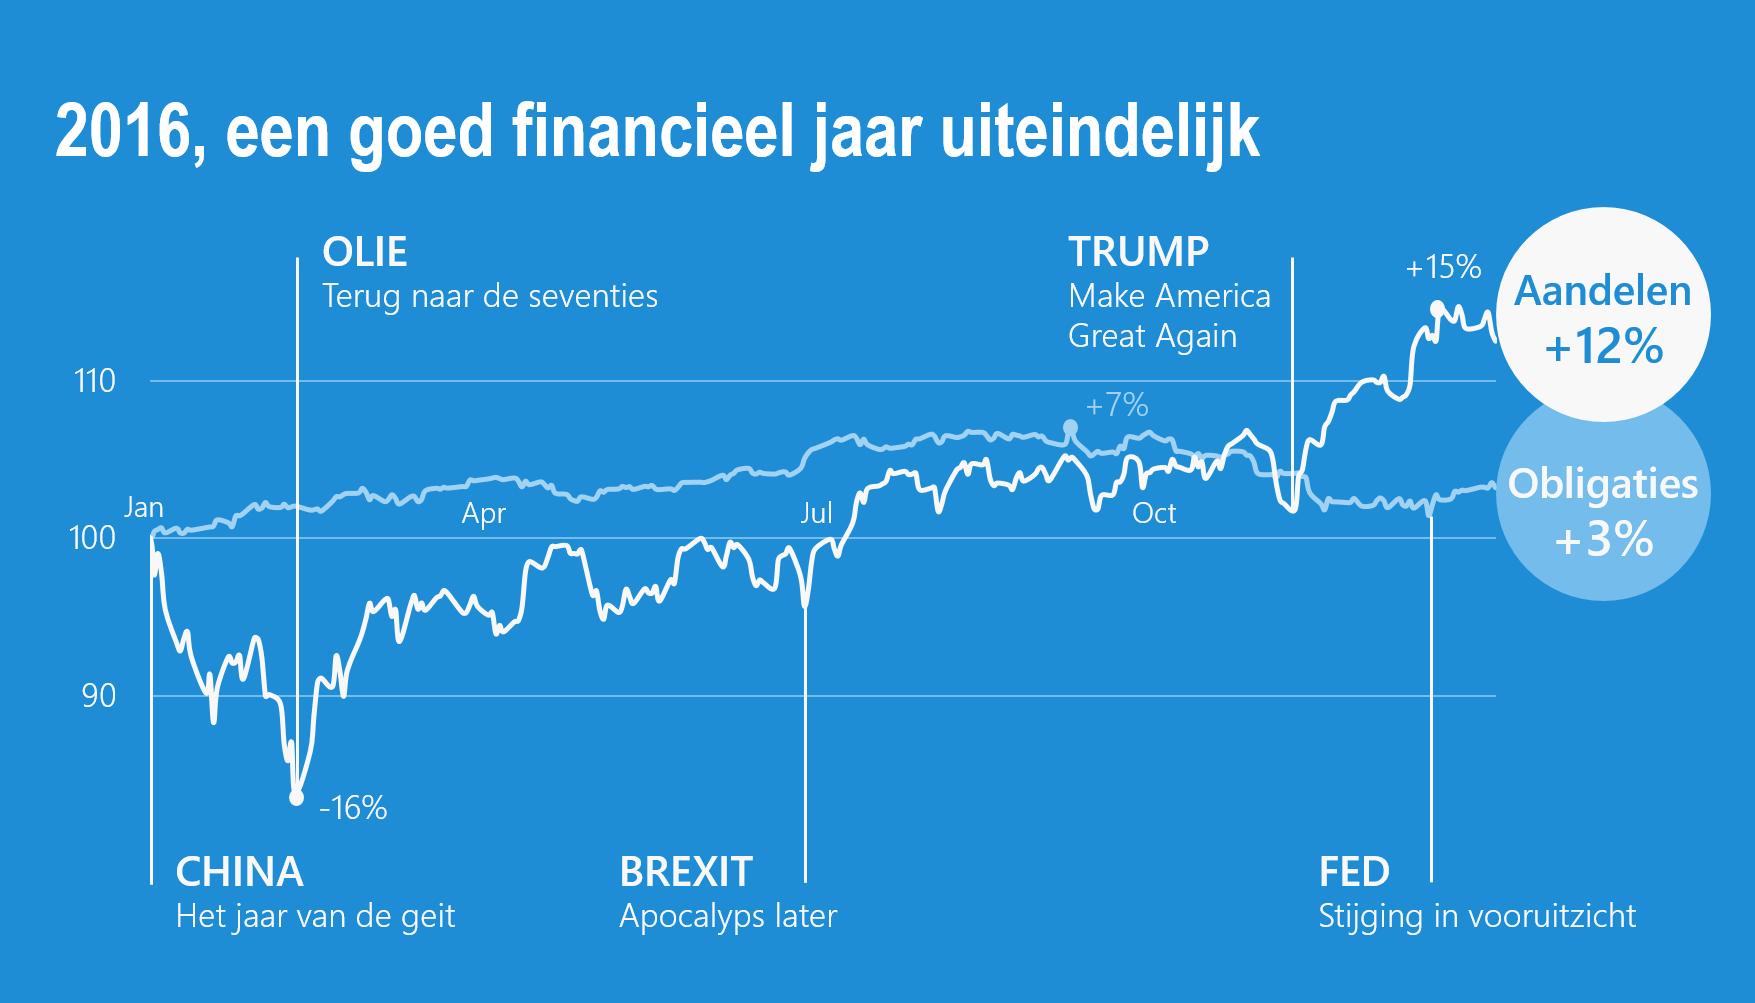 2016, uiteindelijk een goed en typisch financieel jaar